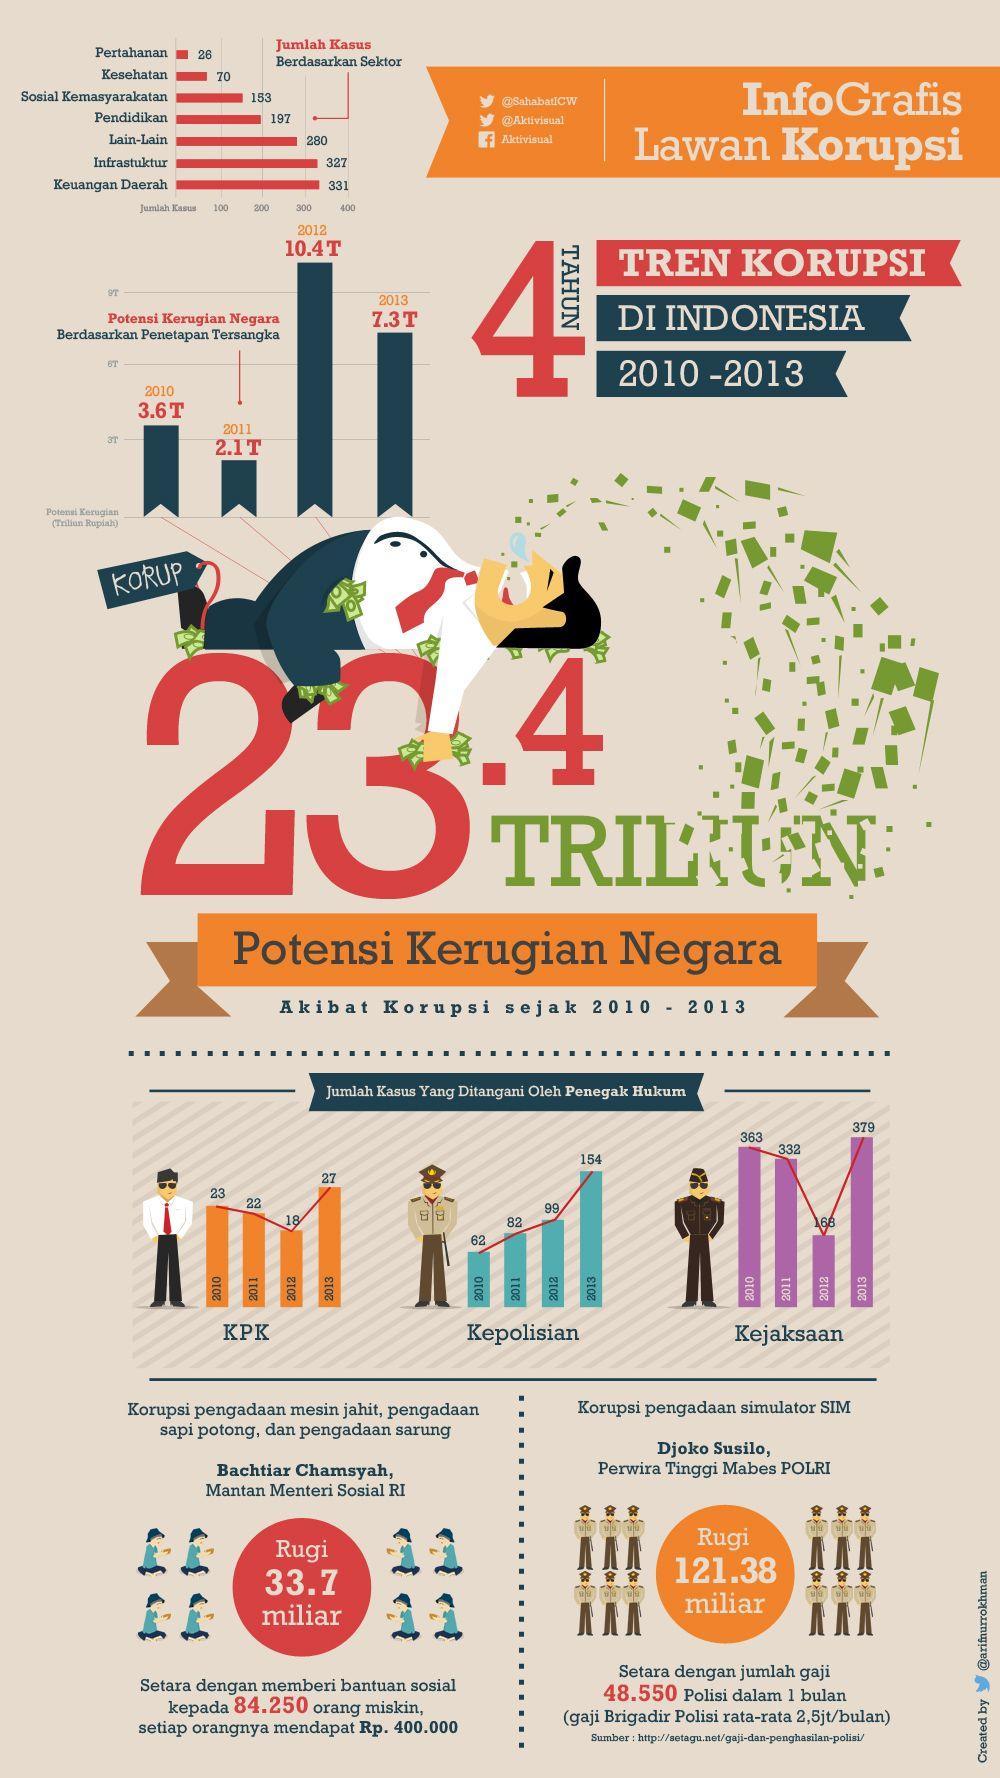 Karya Infografis Lawan Korupsi yang keren dari Arif Nur